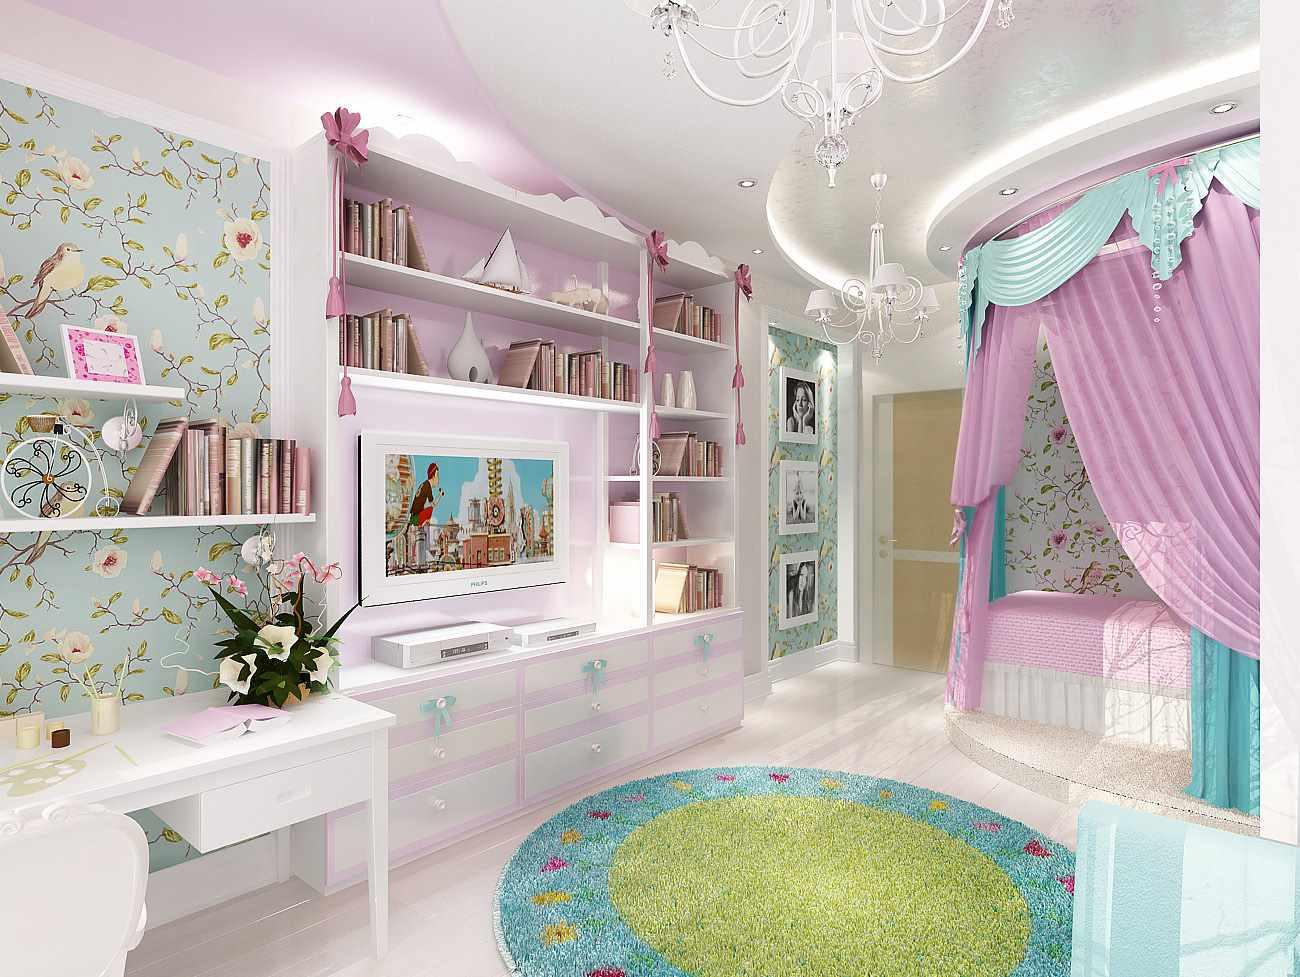 идея светлого стиля спальной комнаты для девочки